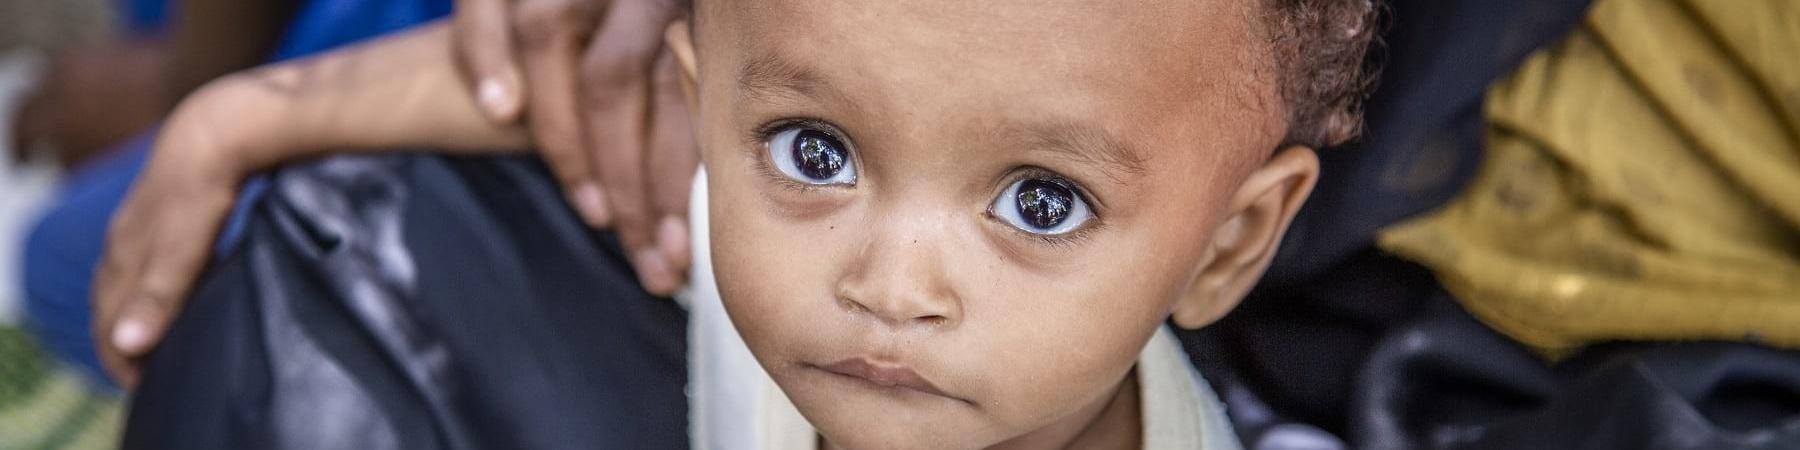 Primo piano di un bambino yemenita tra le gambe di un adulto